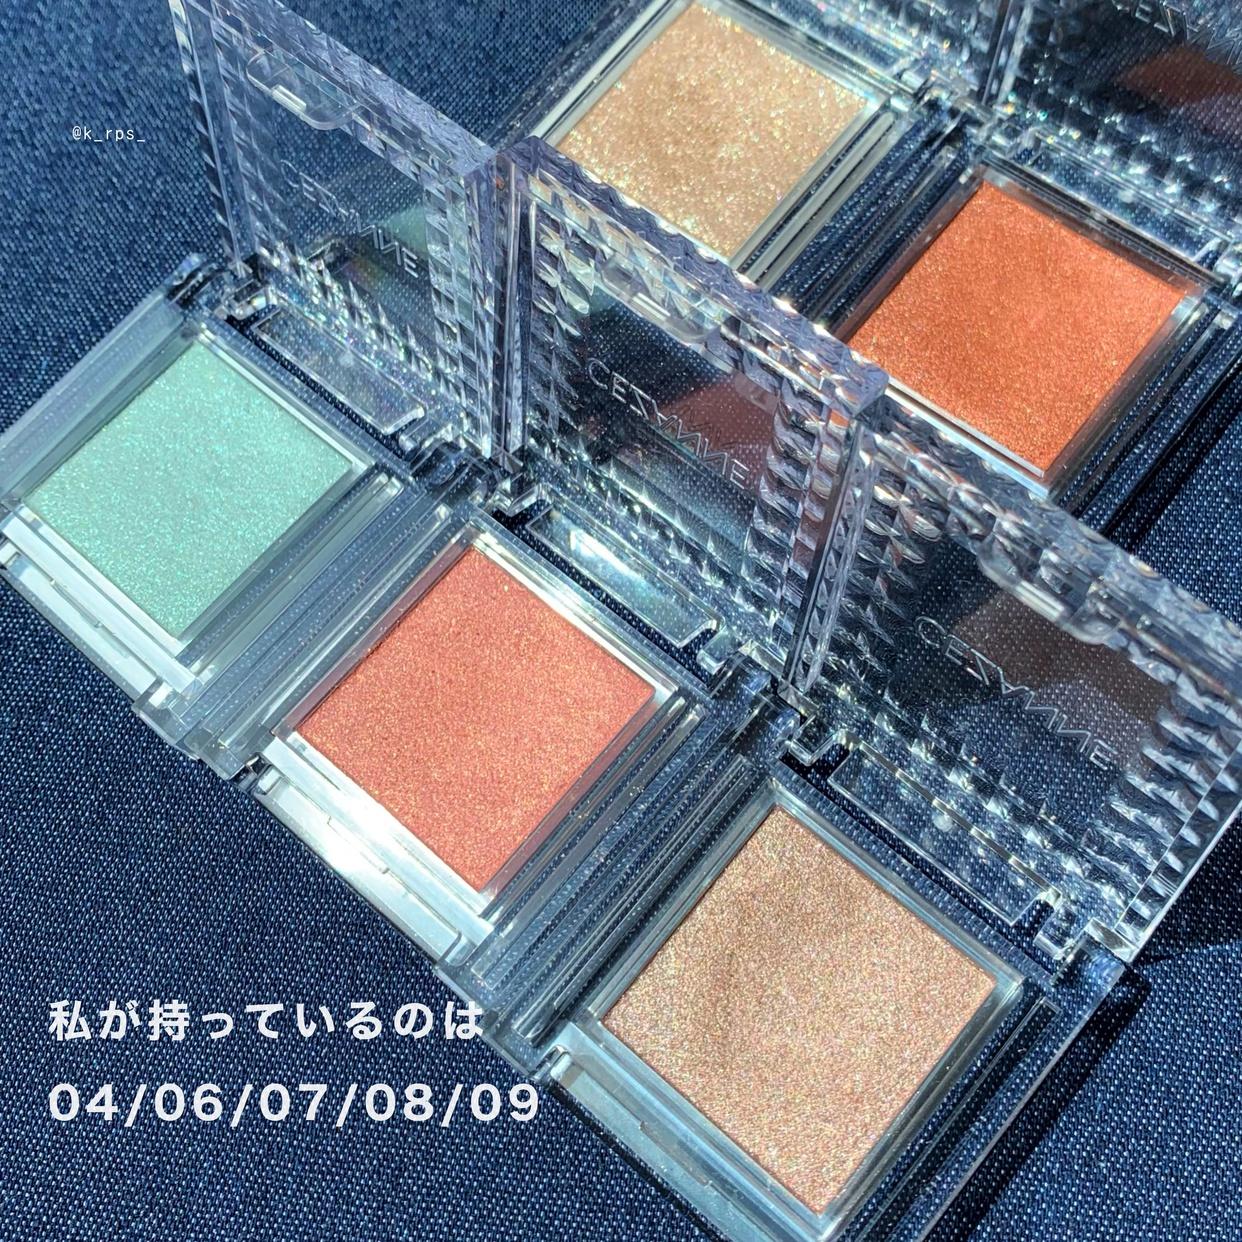 CEZANNE(セザンヌ) シングルカラーアイシャドウを使ったKeiさんのクチコミ画像2